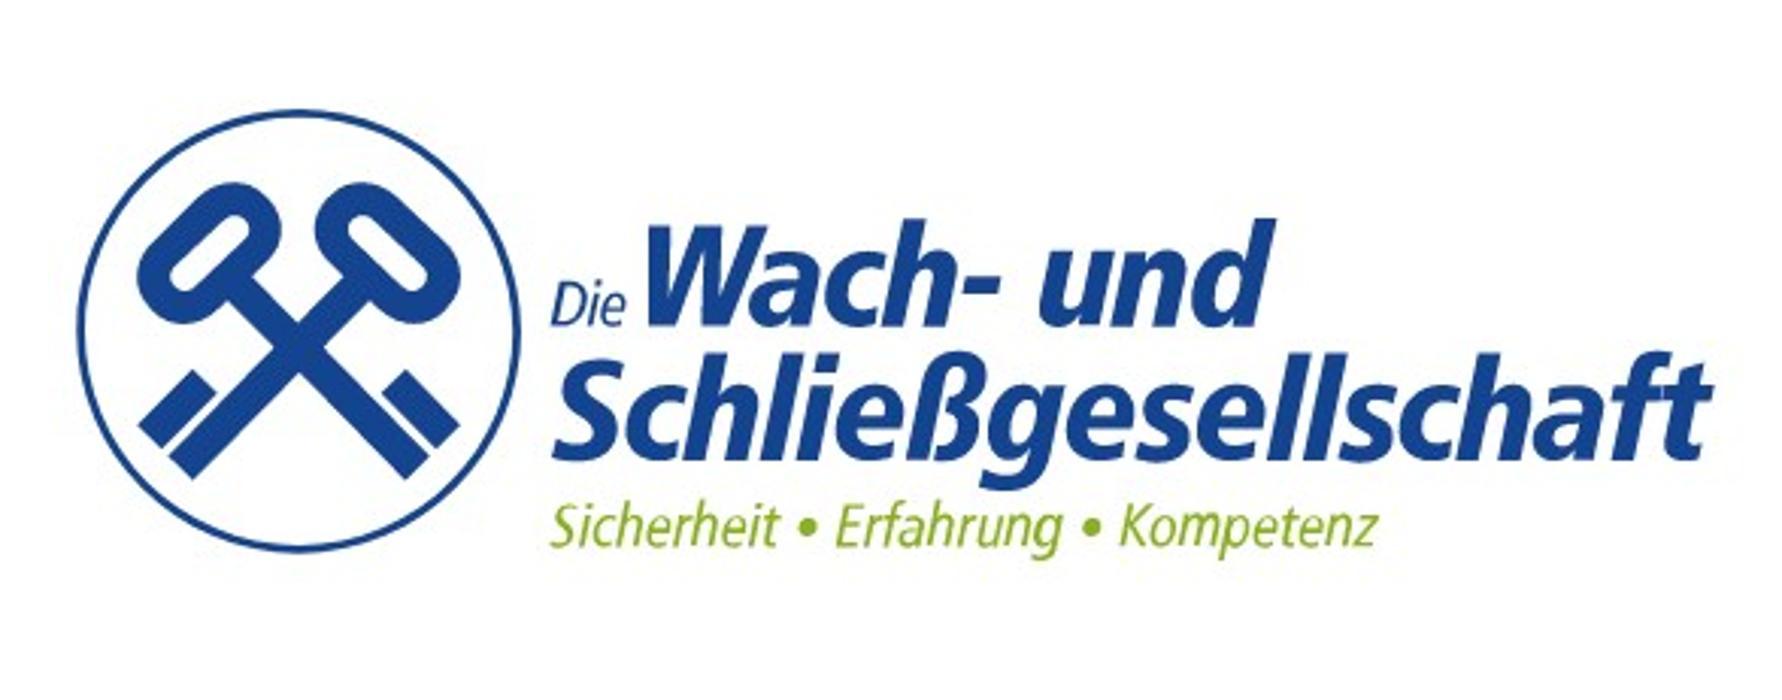 Bild zu Wach- und Schließgesellschaft Wuppertal in Wuppertal